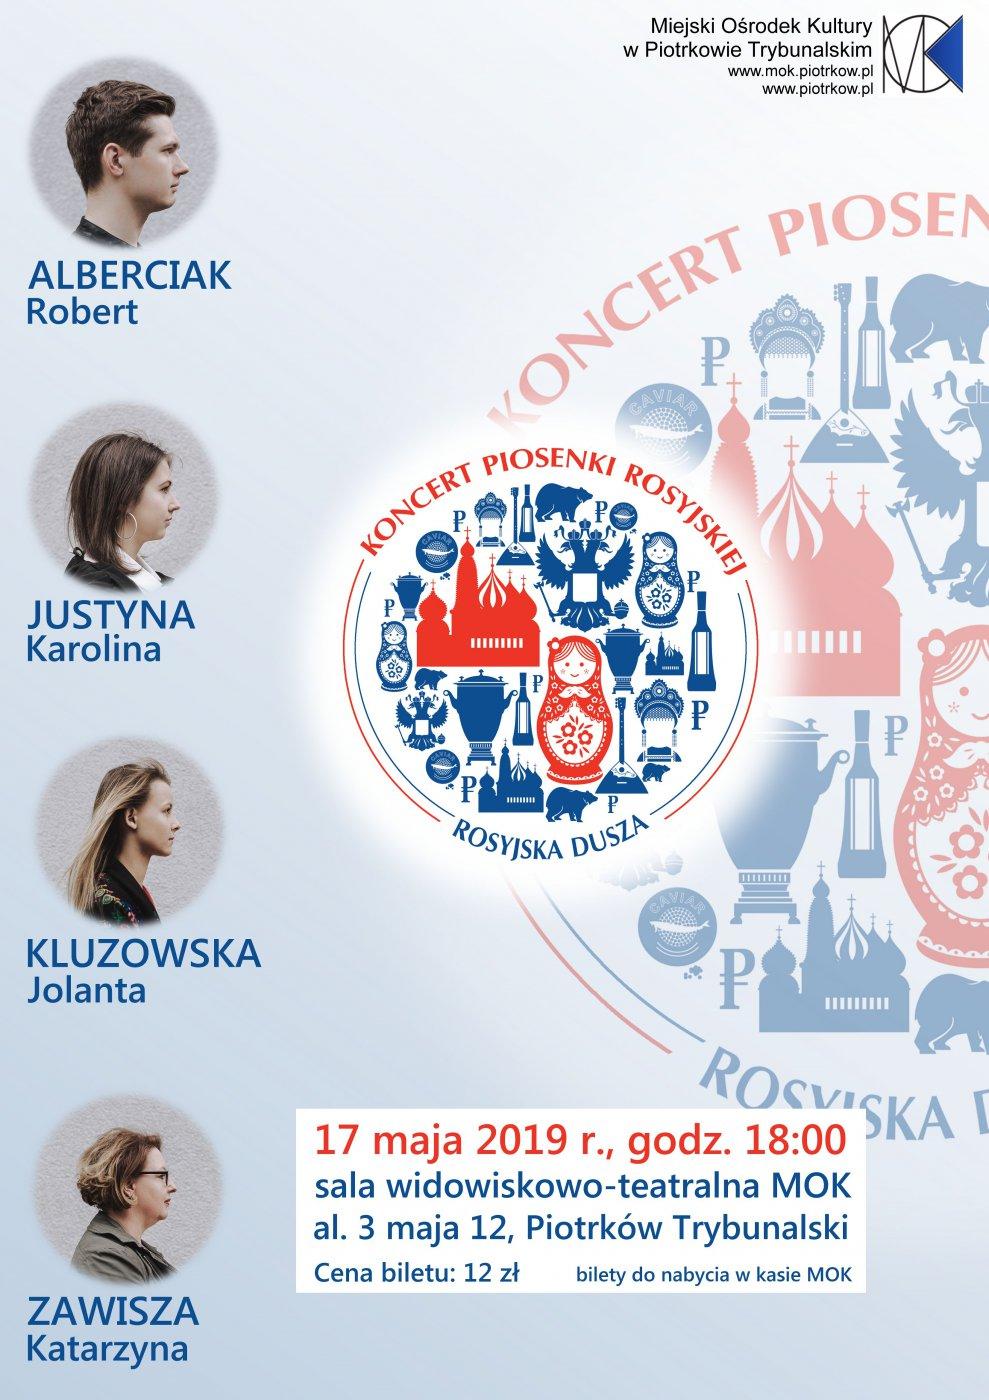 Koncert piosenki rosyjskiej